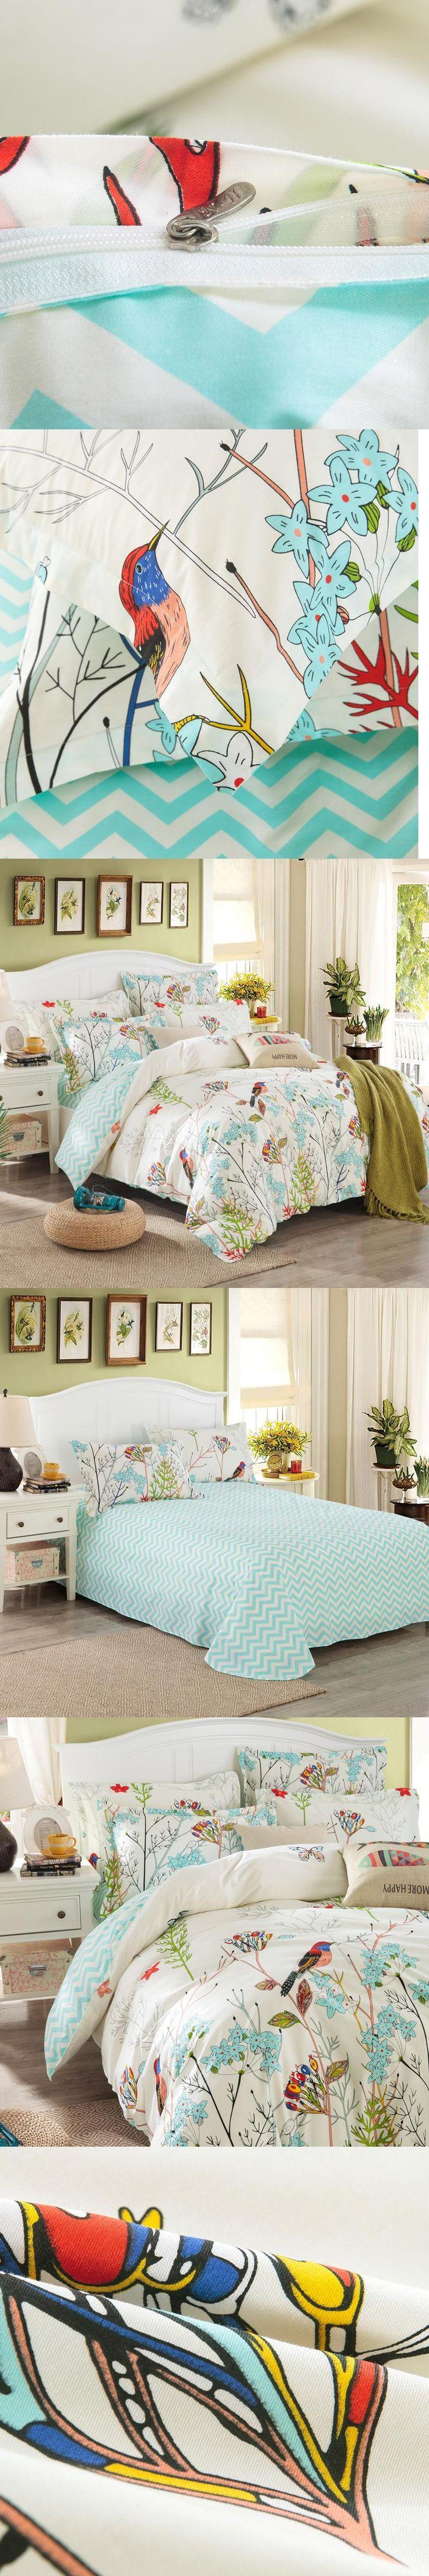 Best 25+ Double bed linen ideas on Pinterest | Double duvet set ...